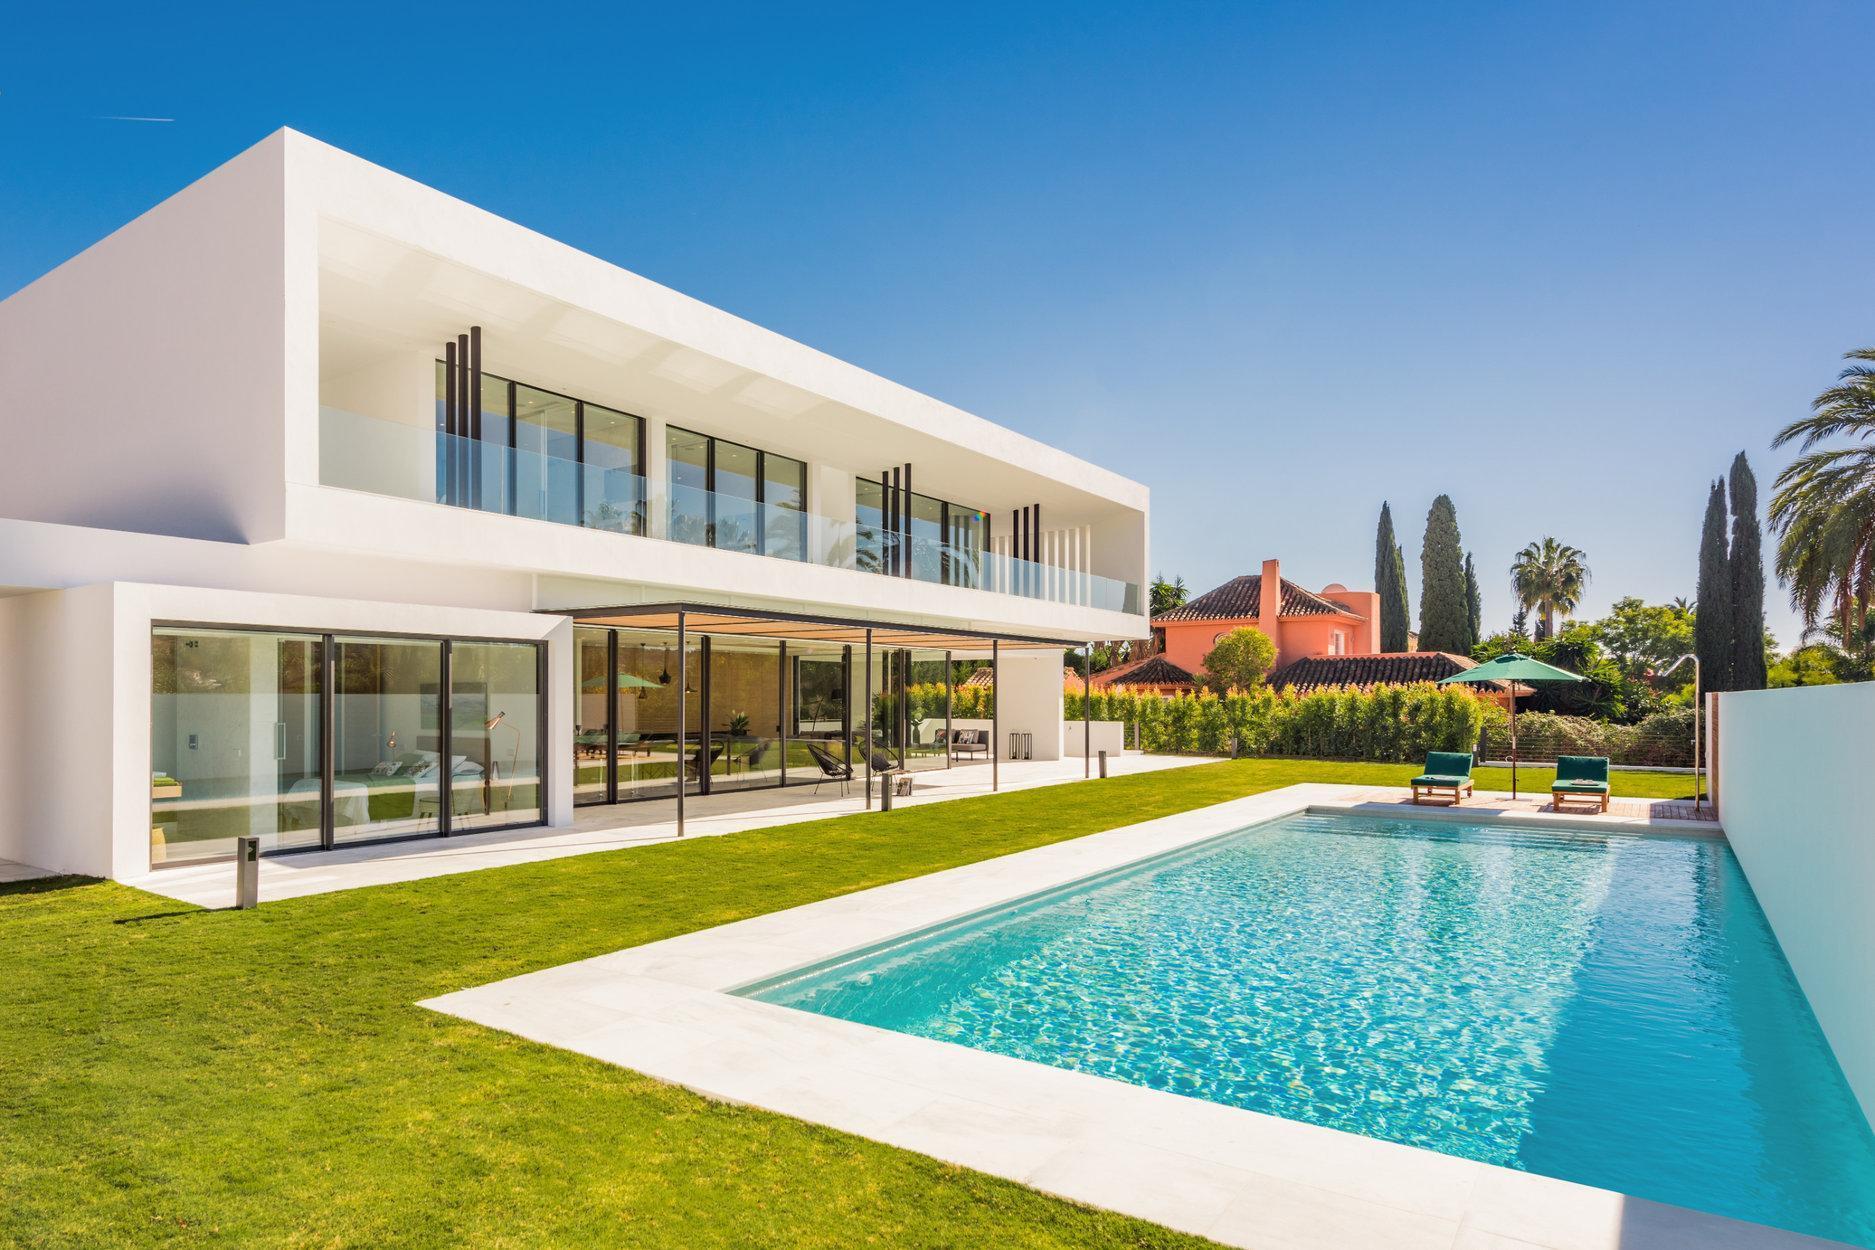 Villa Las Brisas Nueva Andalucia, Marbella